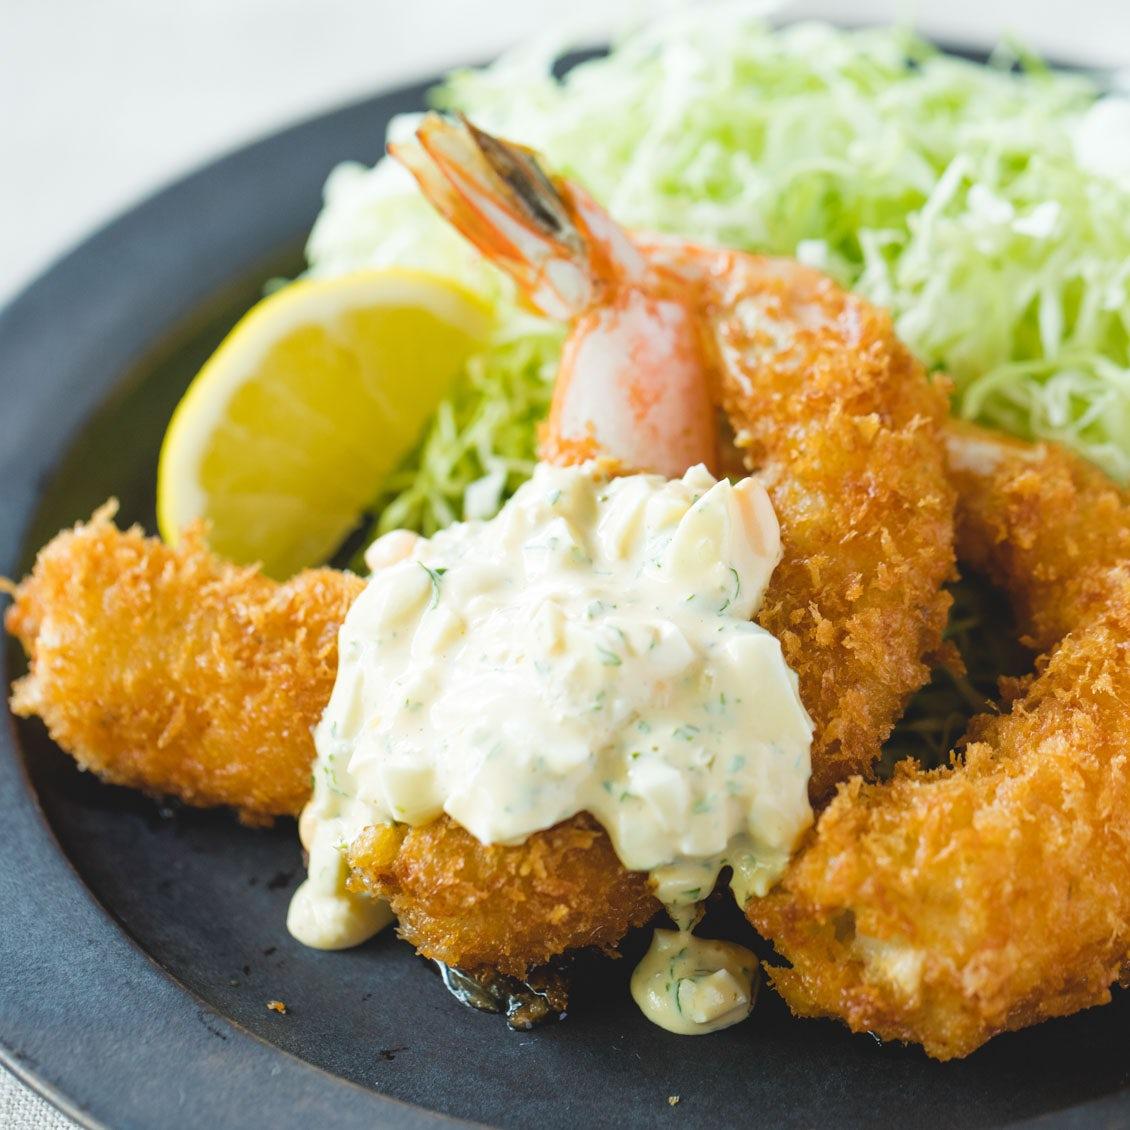 【なつかしい洋食】もう下ごしらえを恐れることなかれ。ぷりぷりの揚げたて「エビフライ」のレシピ